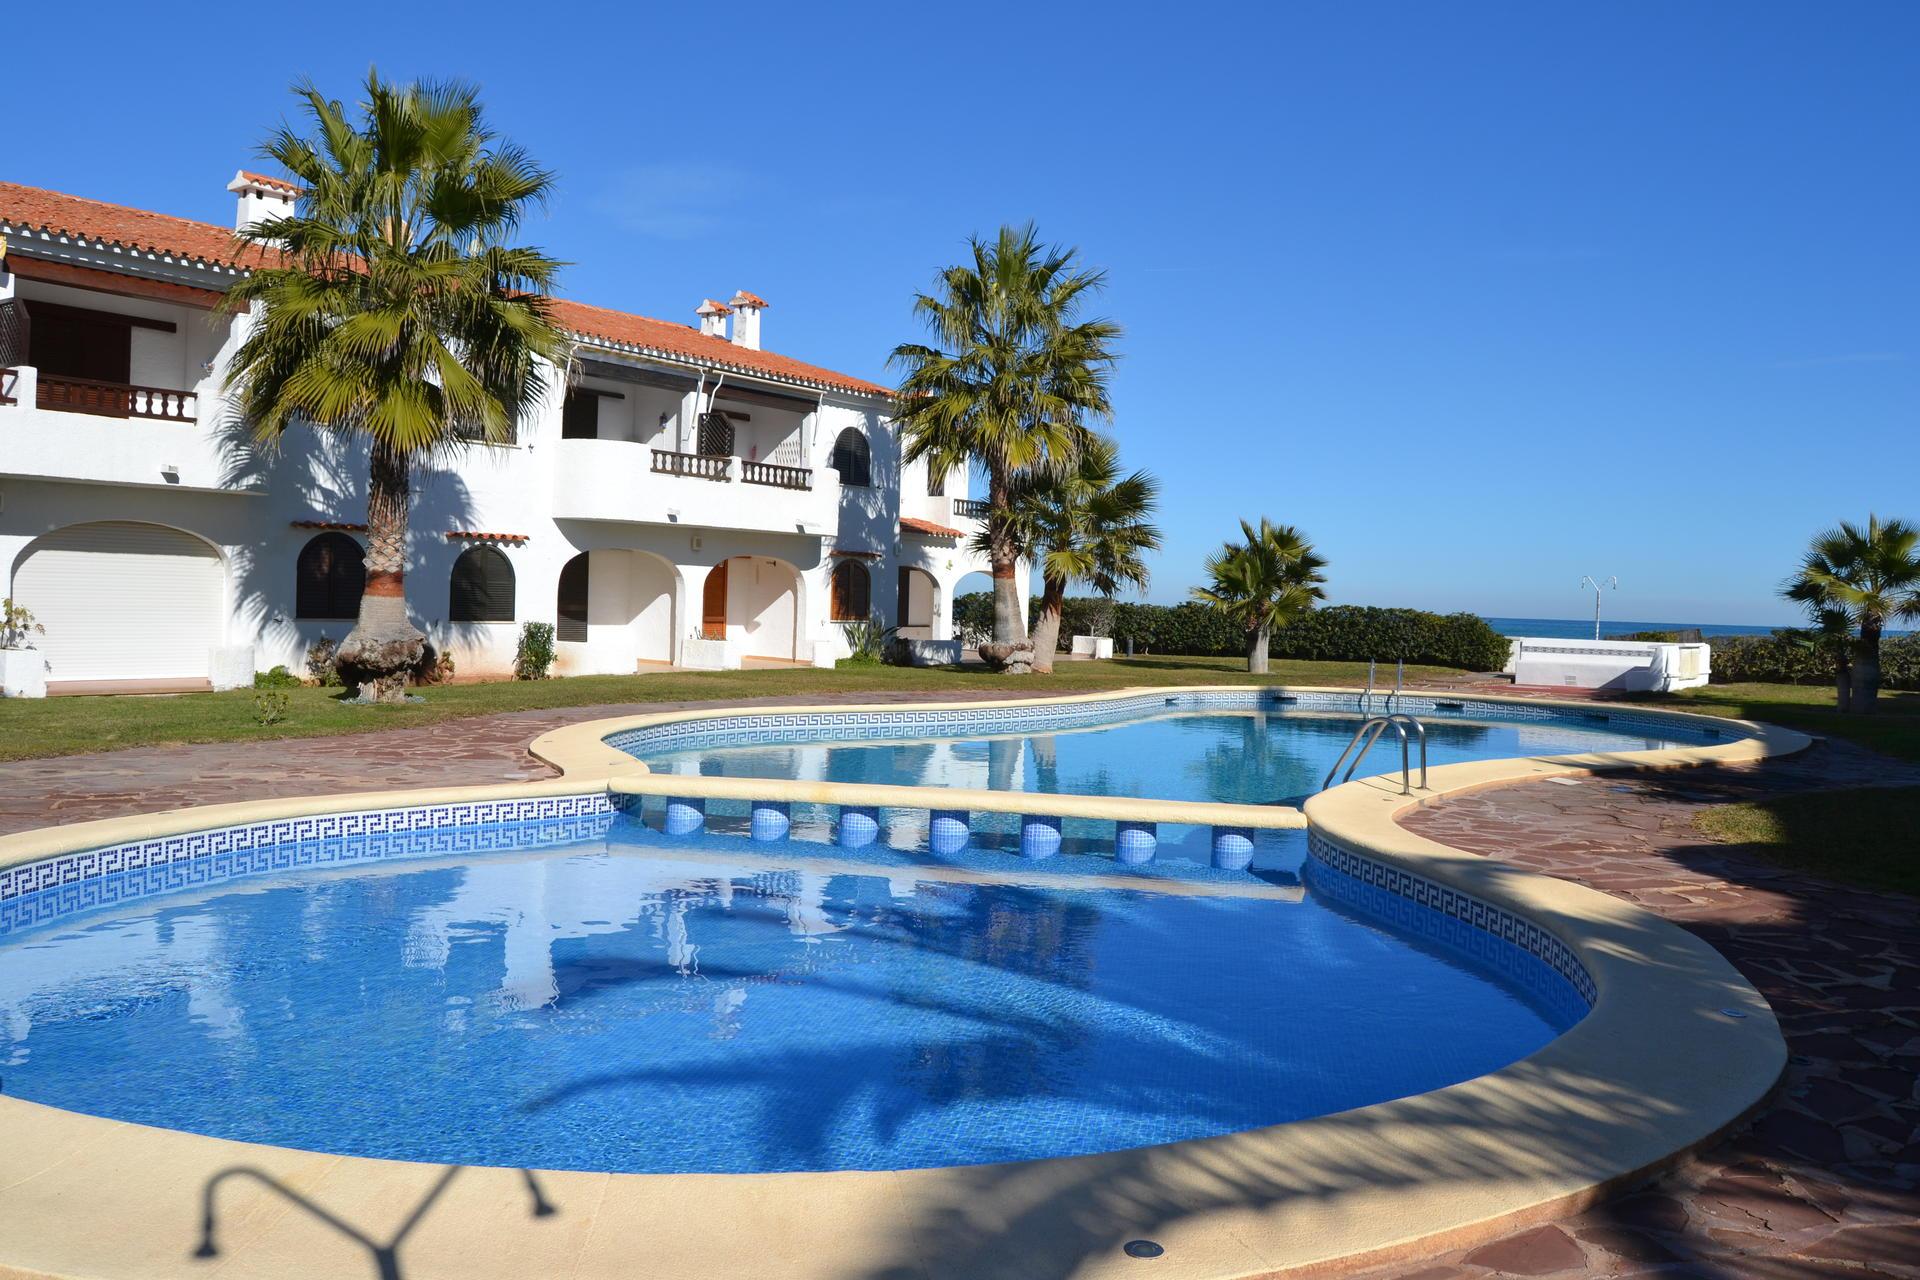 El sol es un chalet de estilo. Alquiler Apartamento en Denia - Ref. NP C2 - Playa Las Deveses